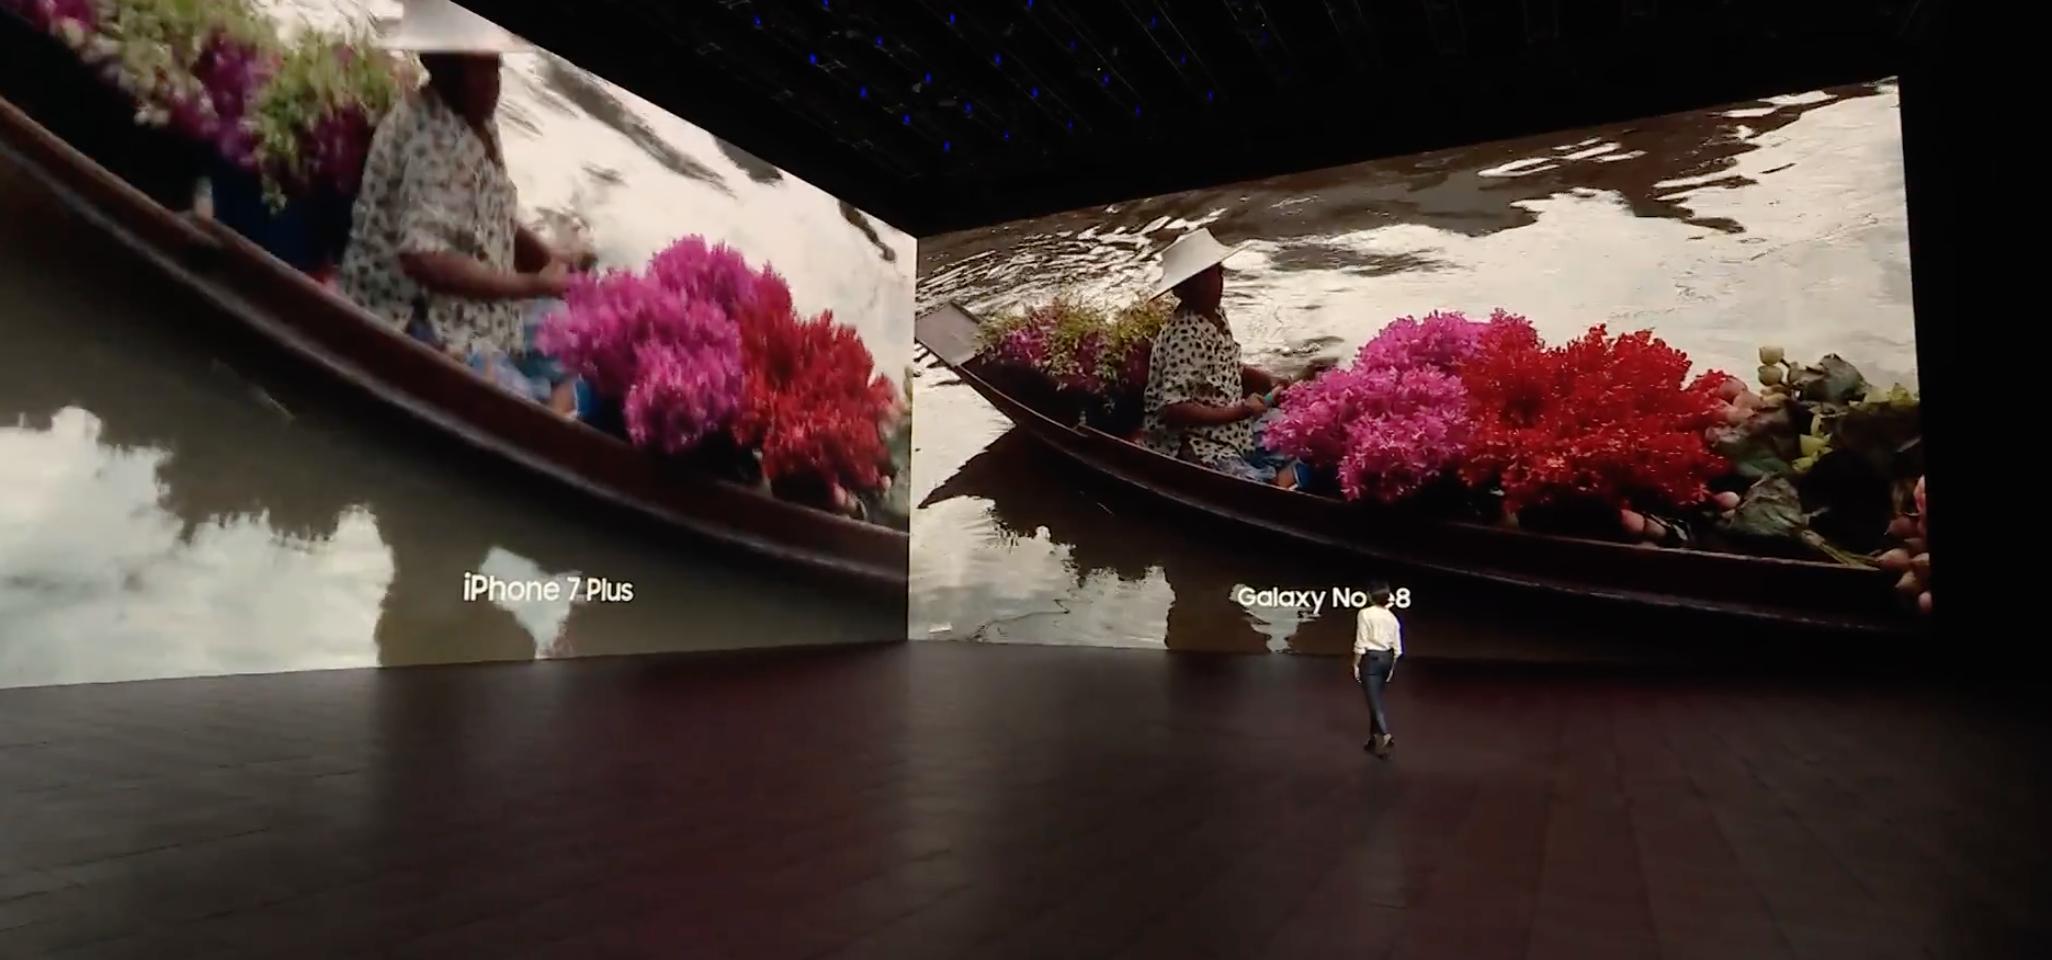 Samsung comparando el iPhone siete Plus con su reciente Galaxy™ Note 8